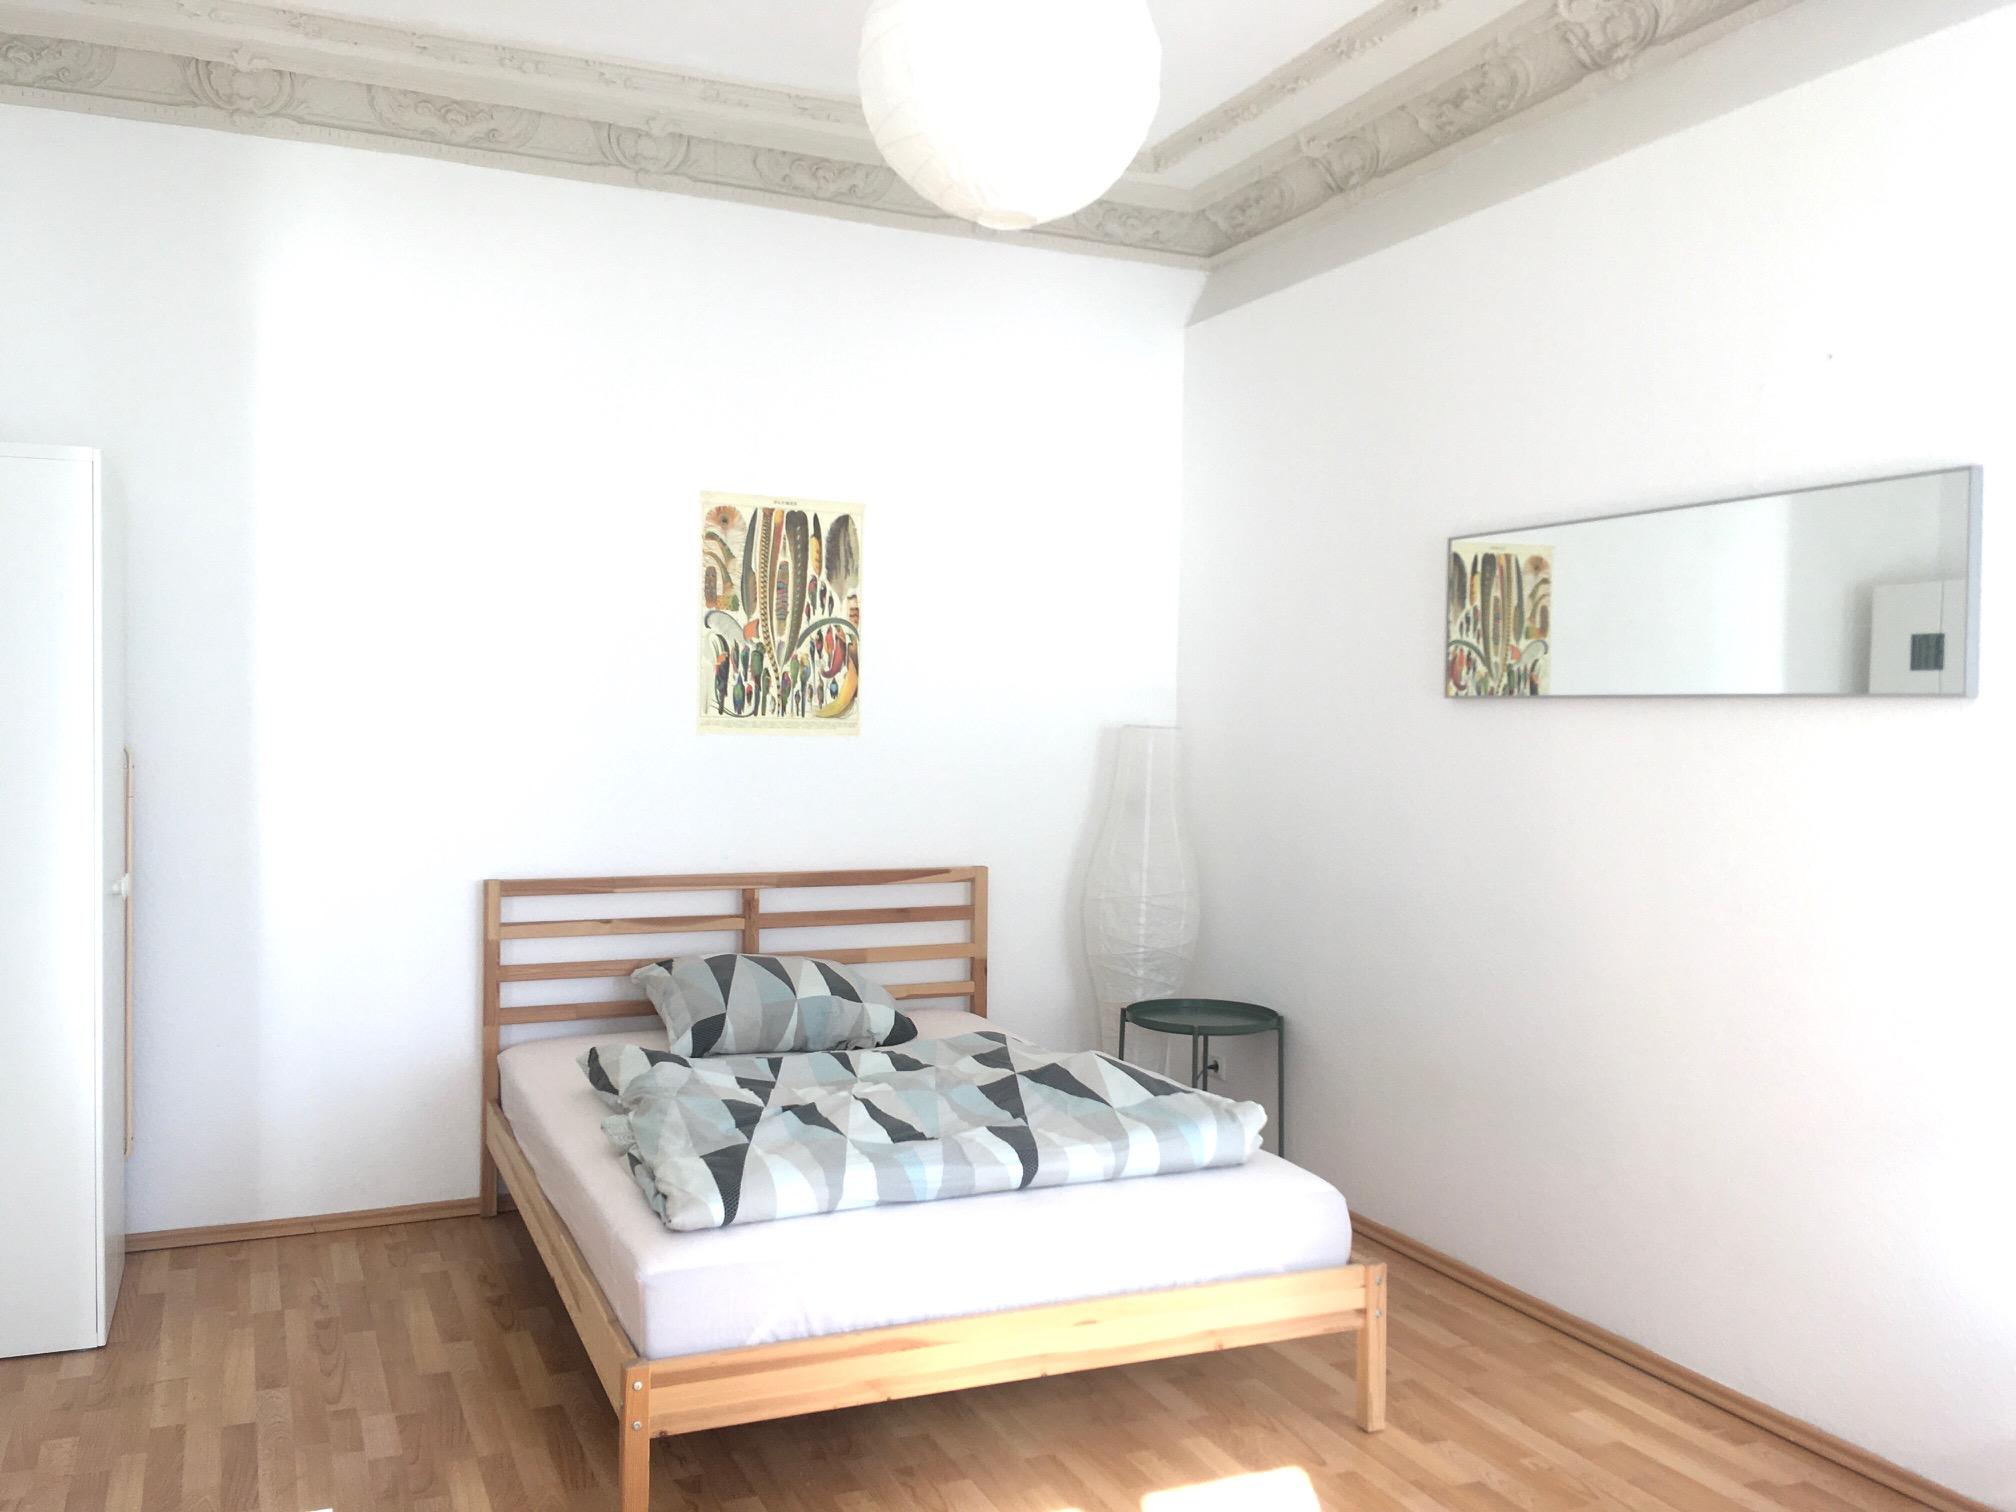 Monteurzimmer Bett mit Schrank und Spiegel